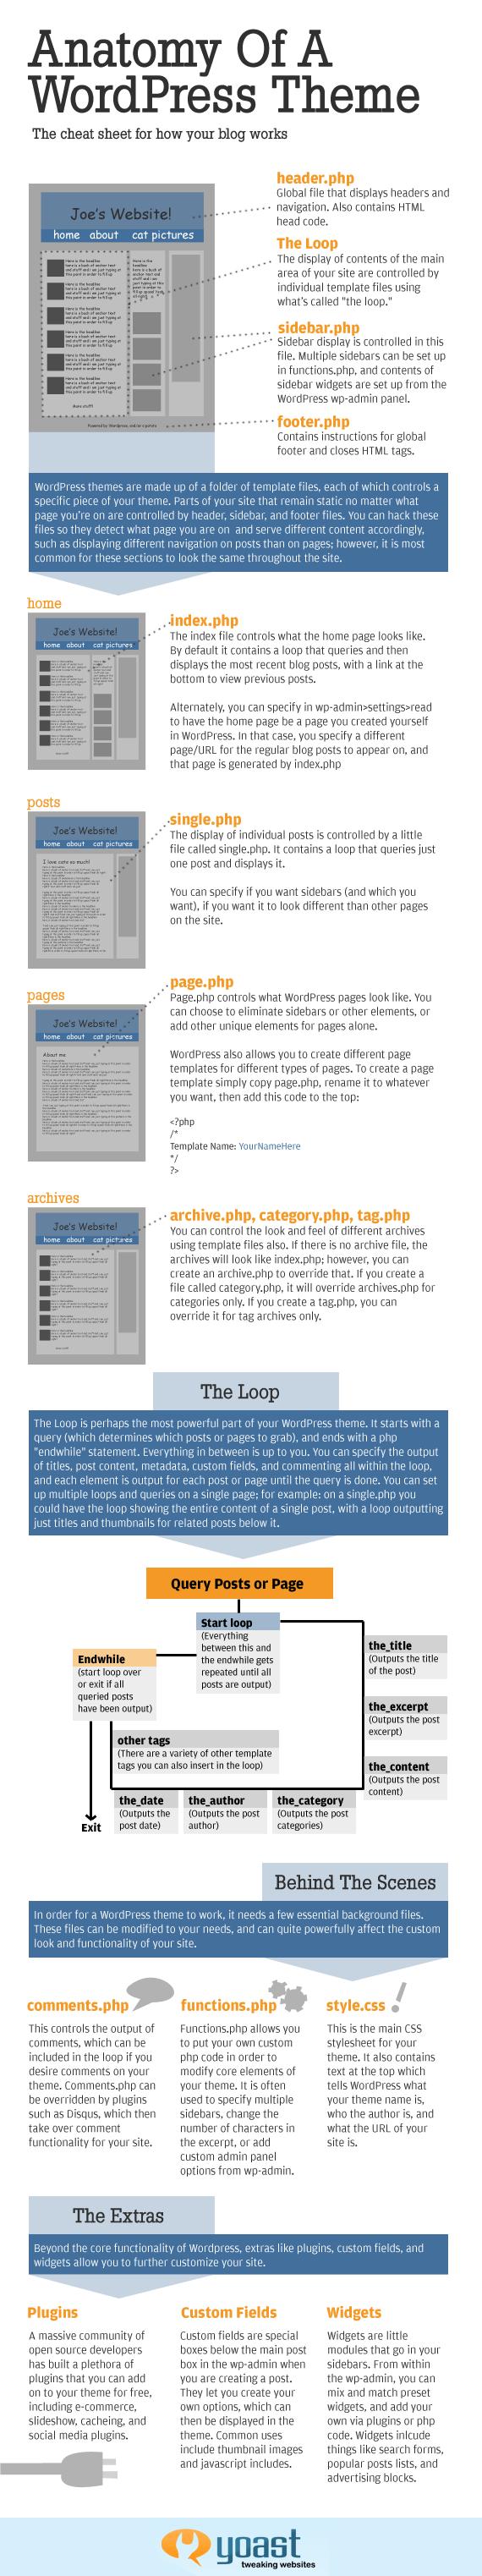 Yoast's Anatomy of a WordPress Theme